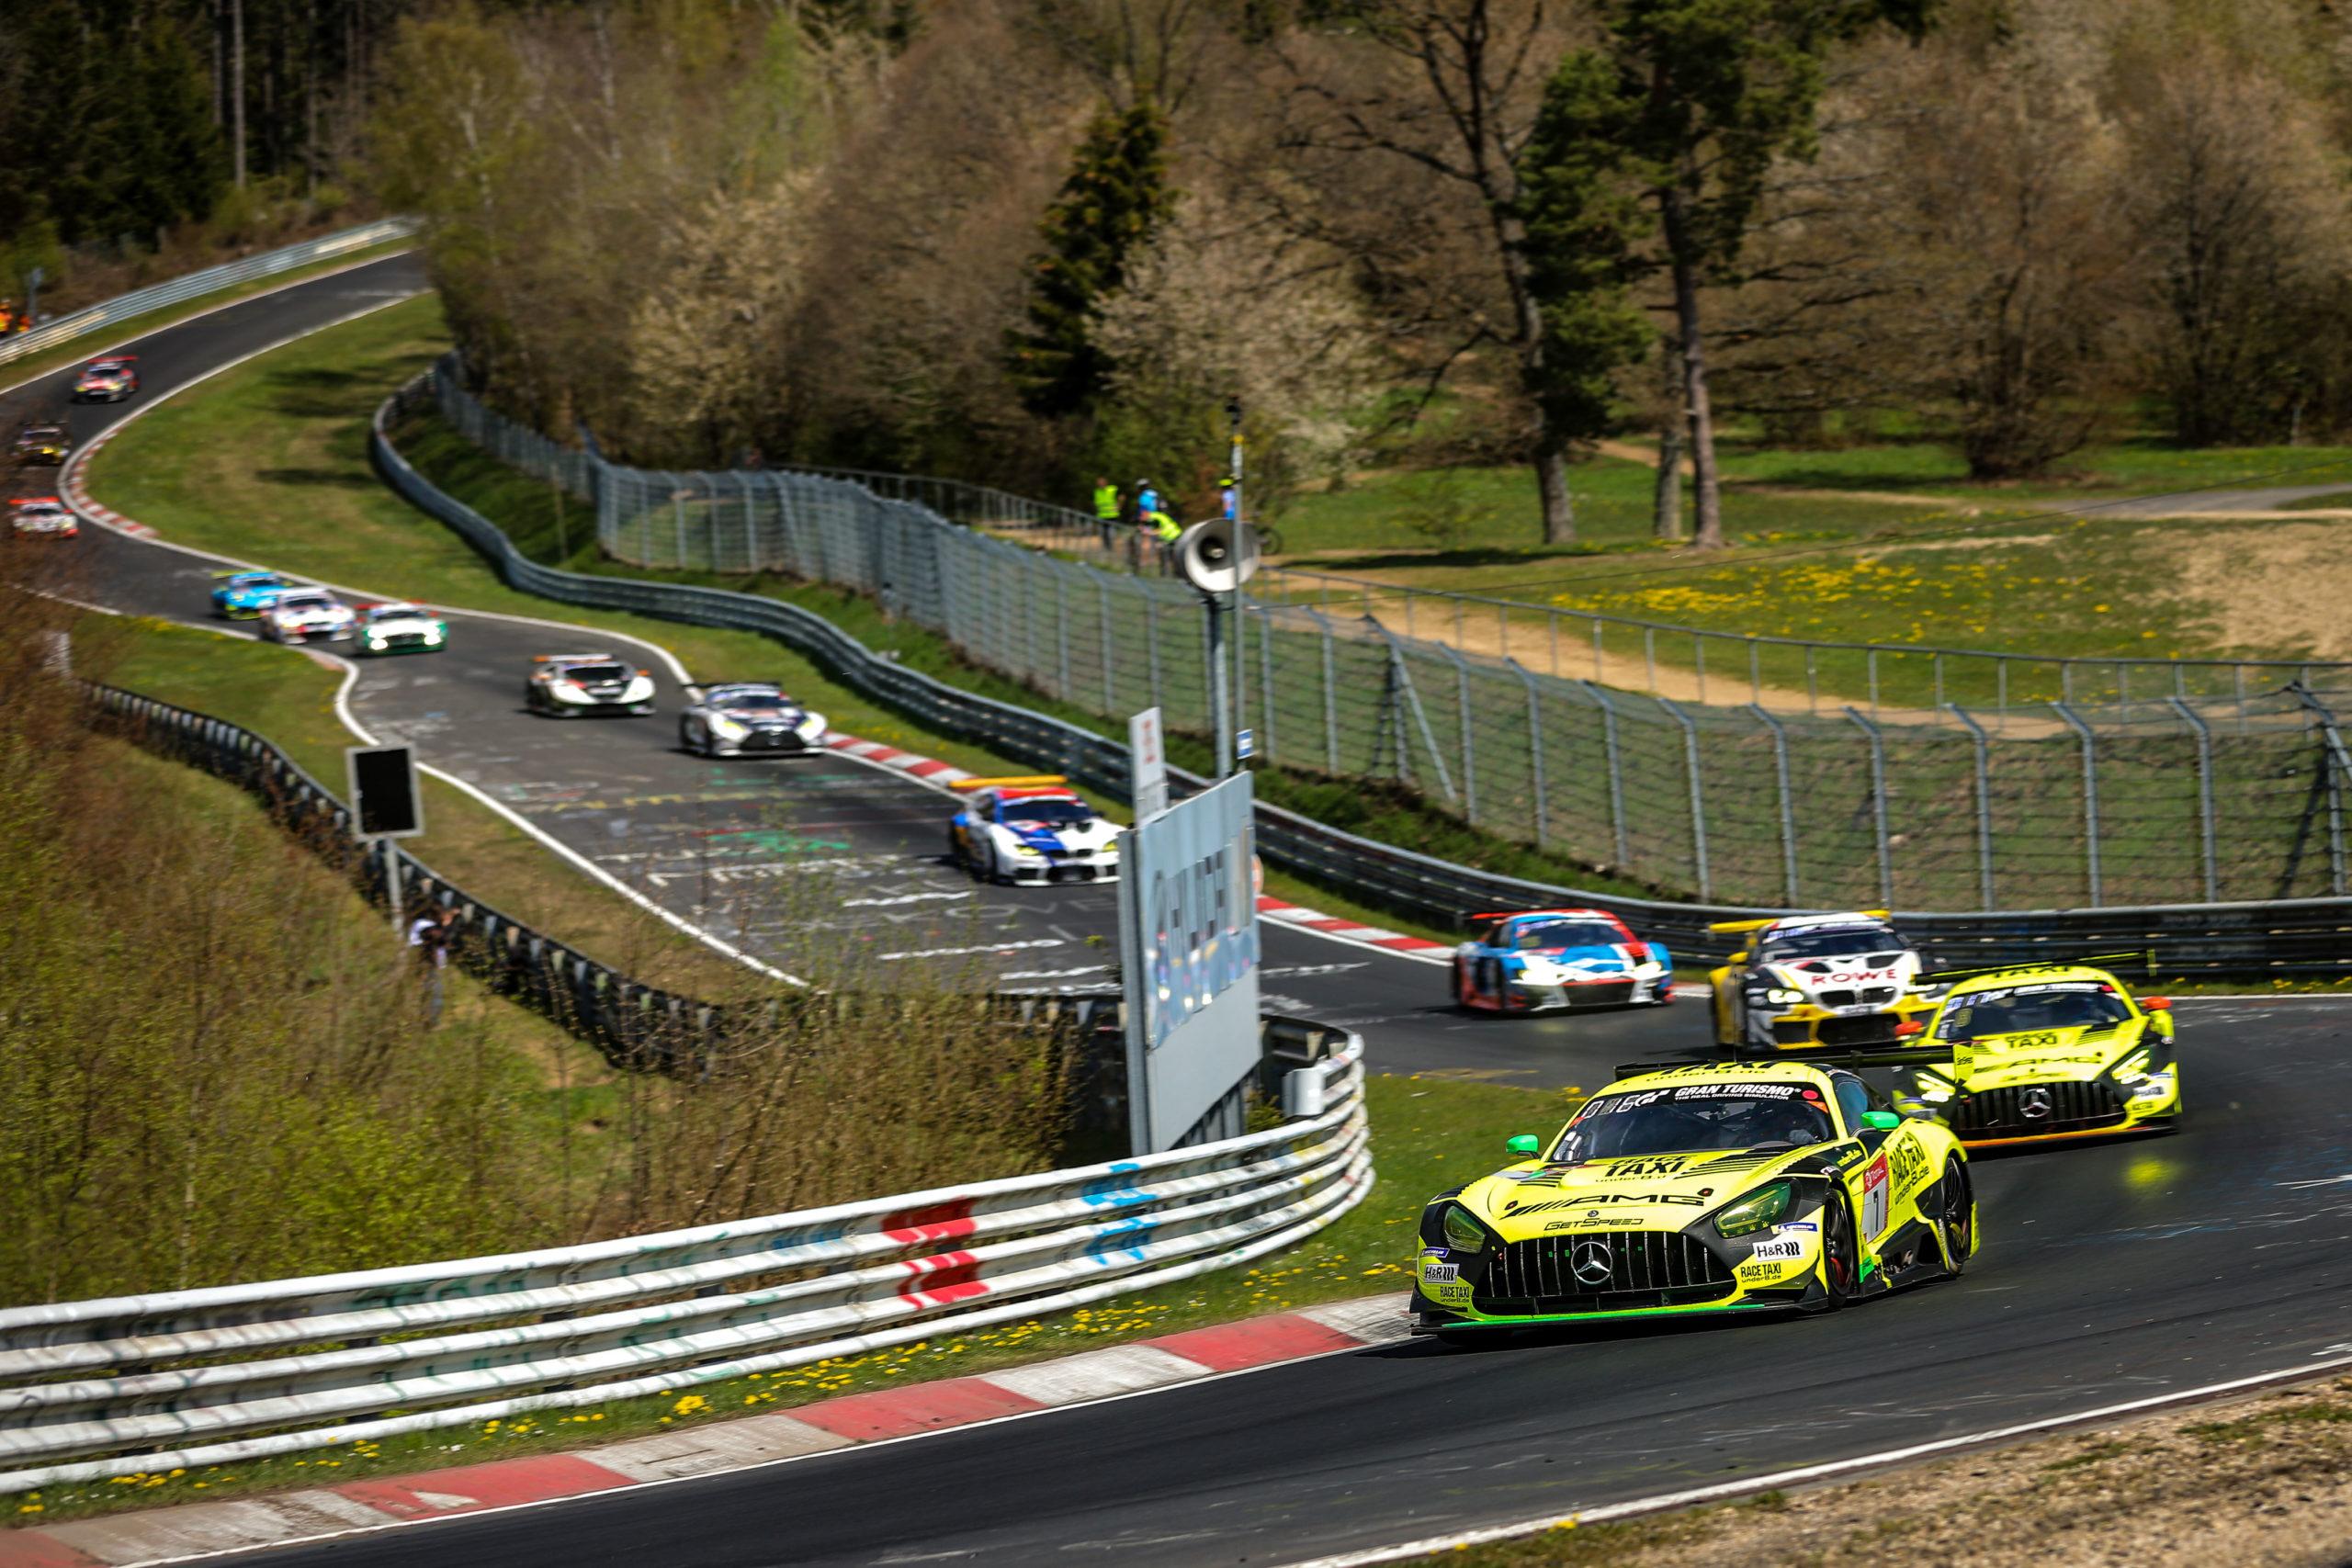 GetSpeed: Bestes Mercedes-AMG-Team beim 24h-Qualifikationsrennen